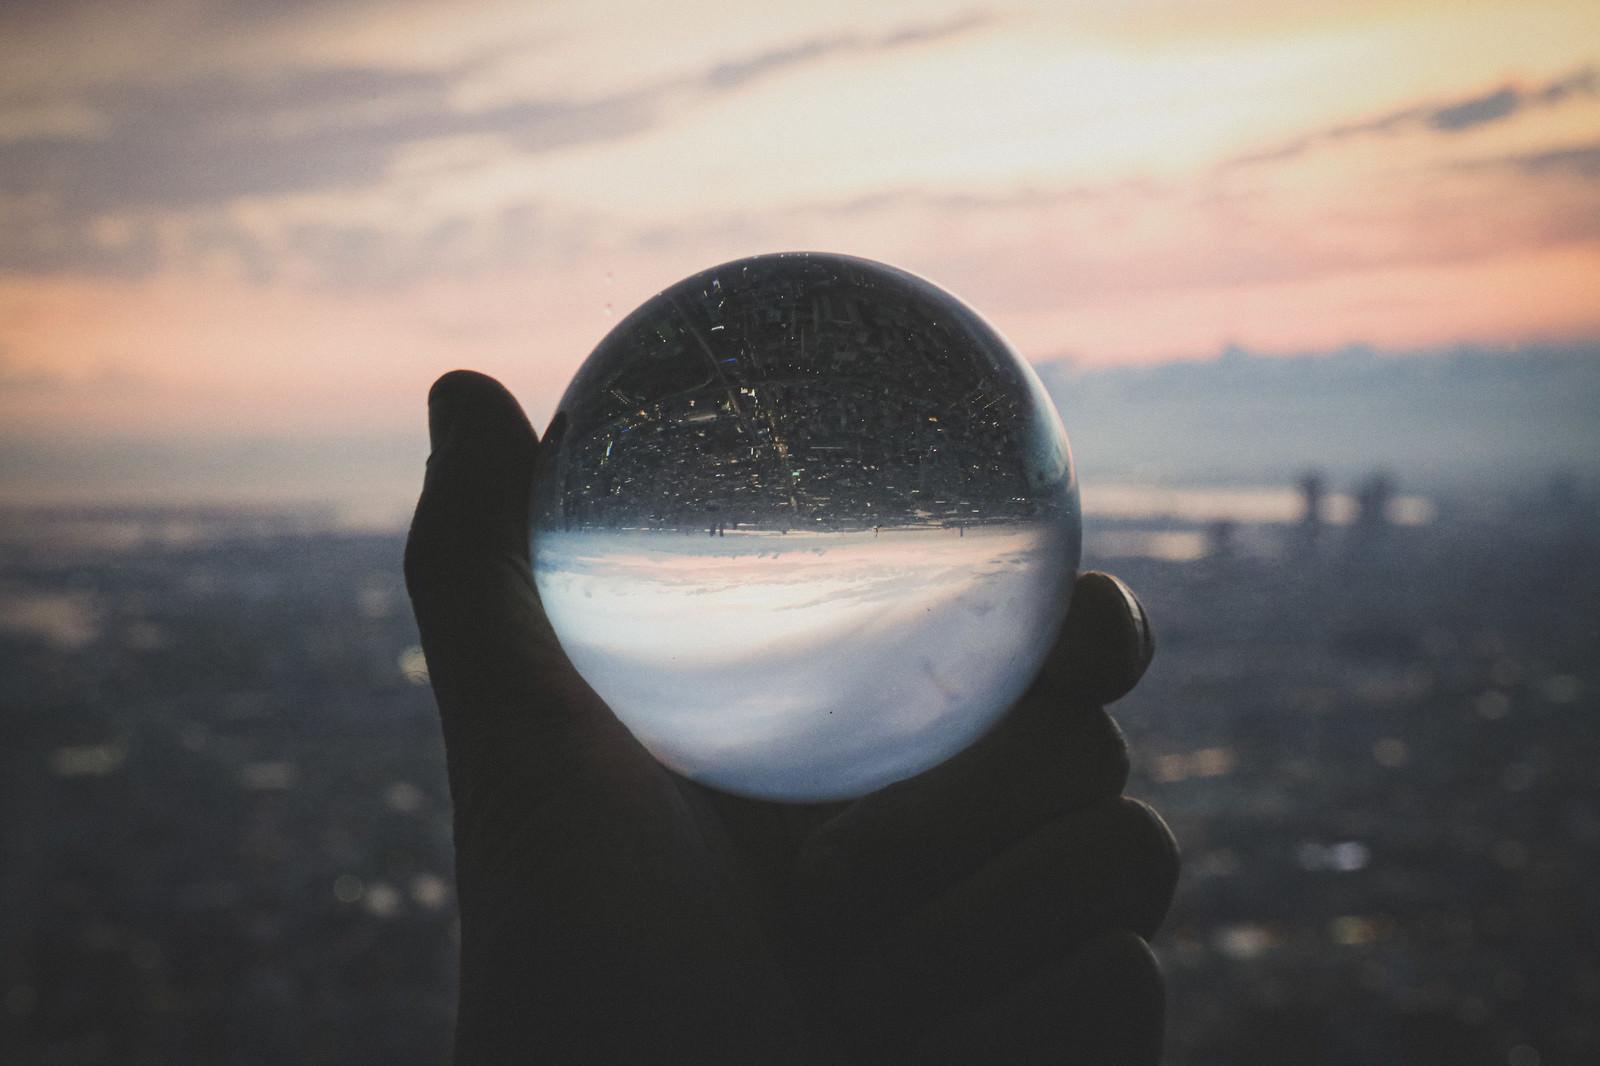 「高層階から望む街並みと水晶球」の写真